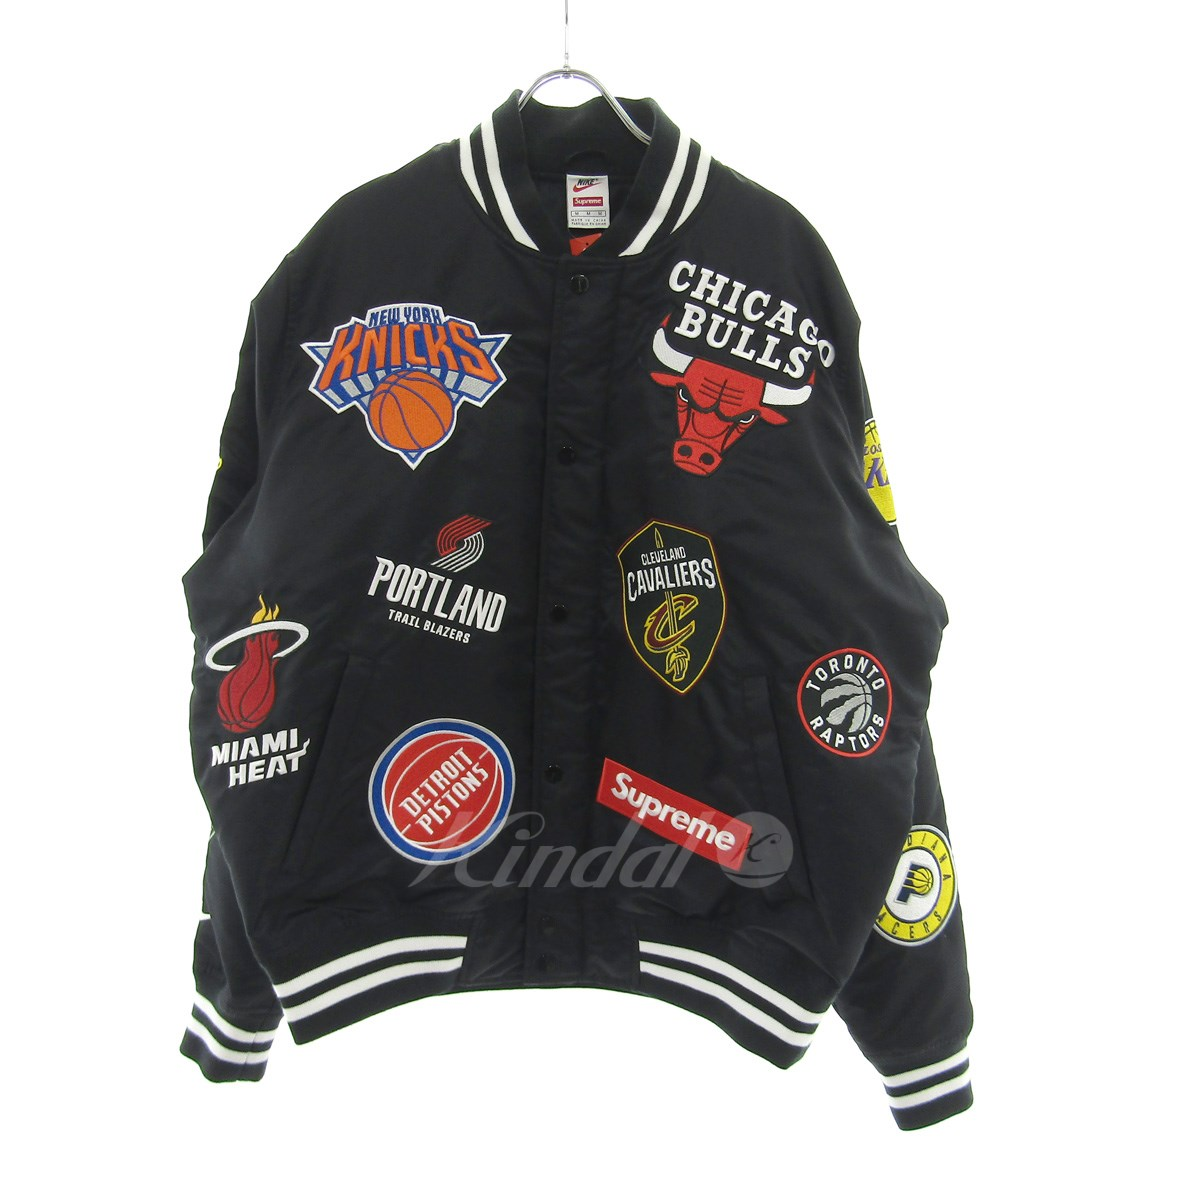 新素材新作 【中古 jacket】SUPREME×NIKE 18SS NBA warm jacket ウォームアップジャケット【送料無料】【送料無料】 NBA【008190】【銅】, fabricbeens:510dd6c5 --- jf-belver.pt